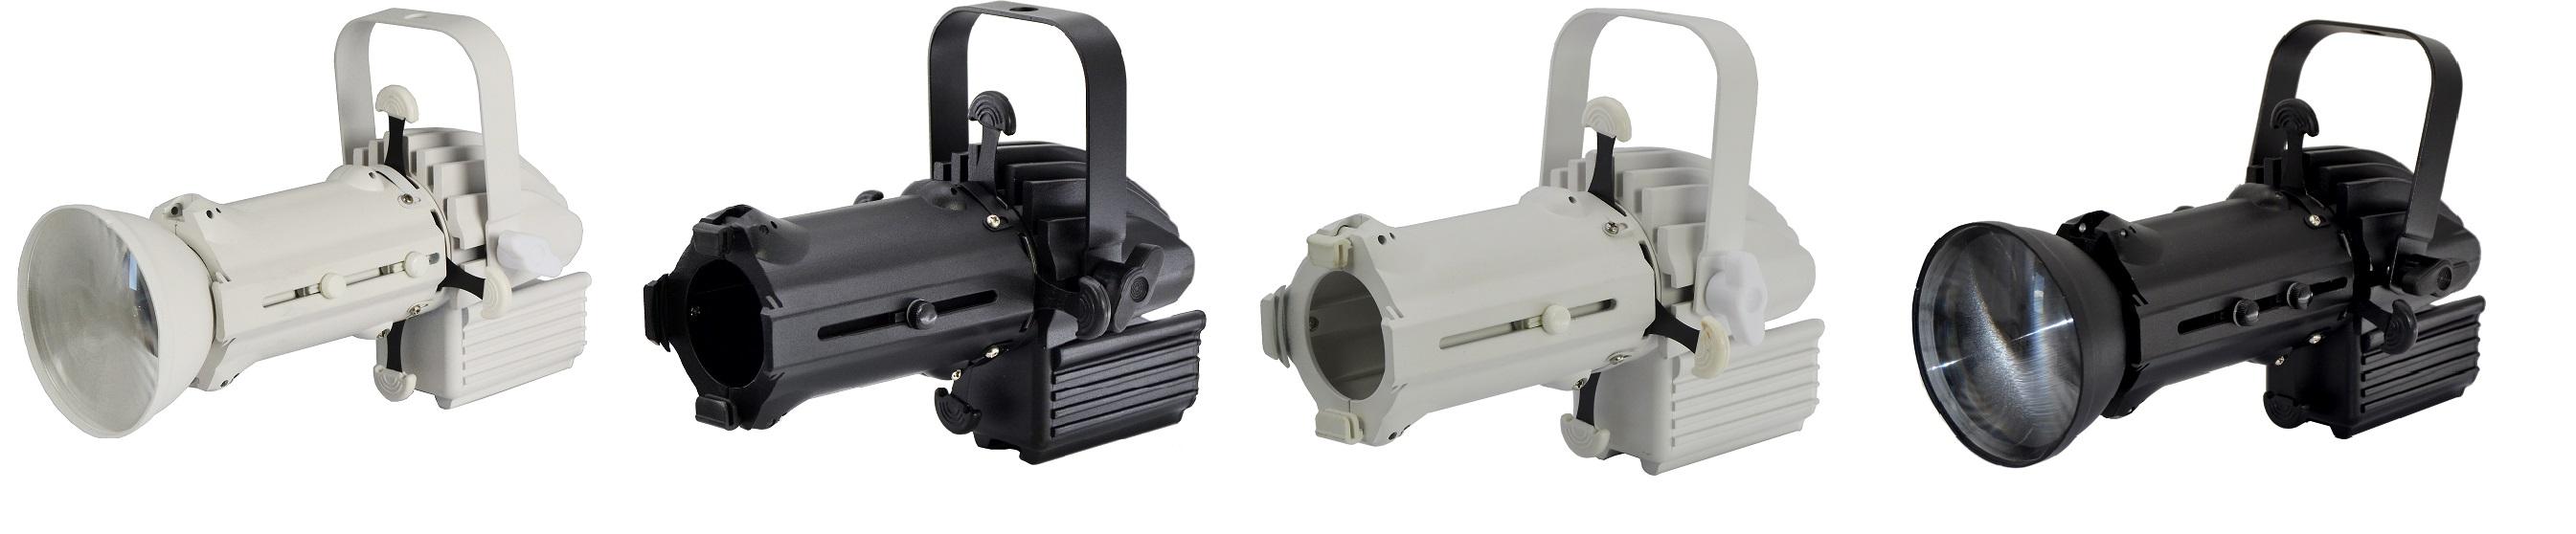 Siluj presenta los nuevos proyectores Mini Recorte LED de Triton Blue